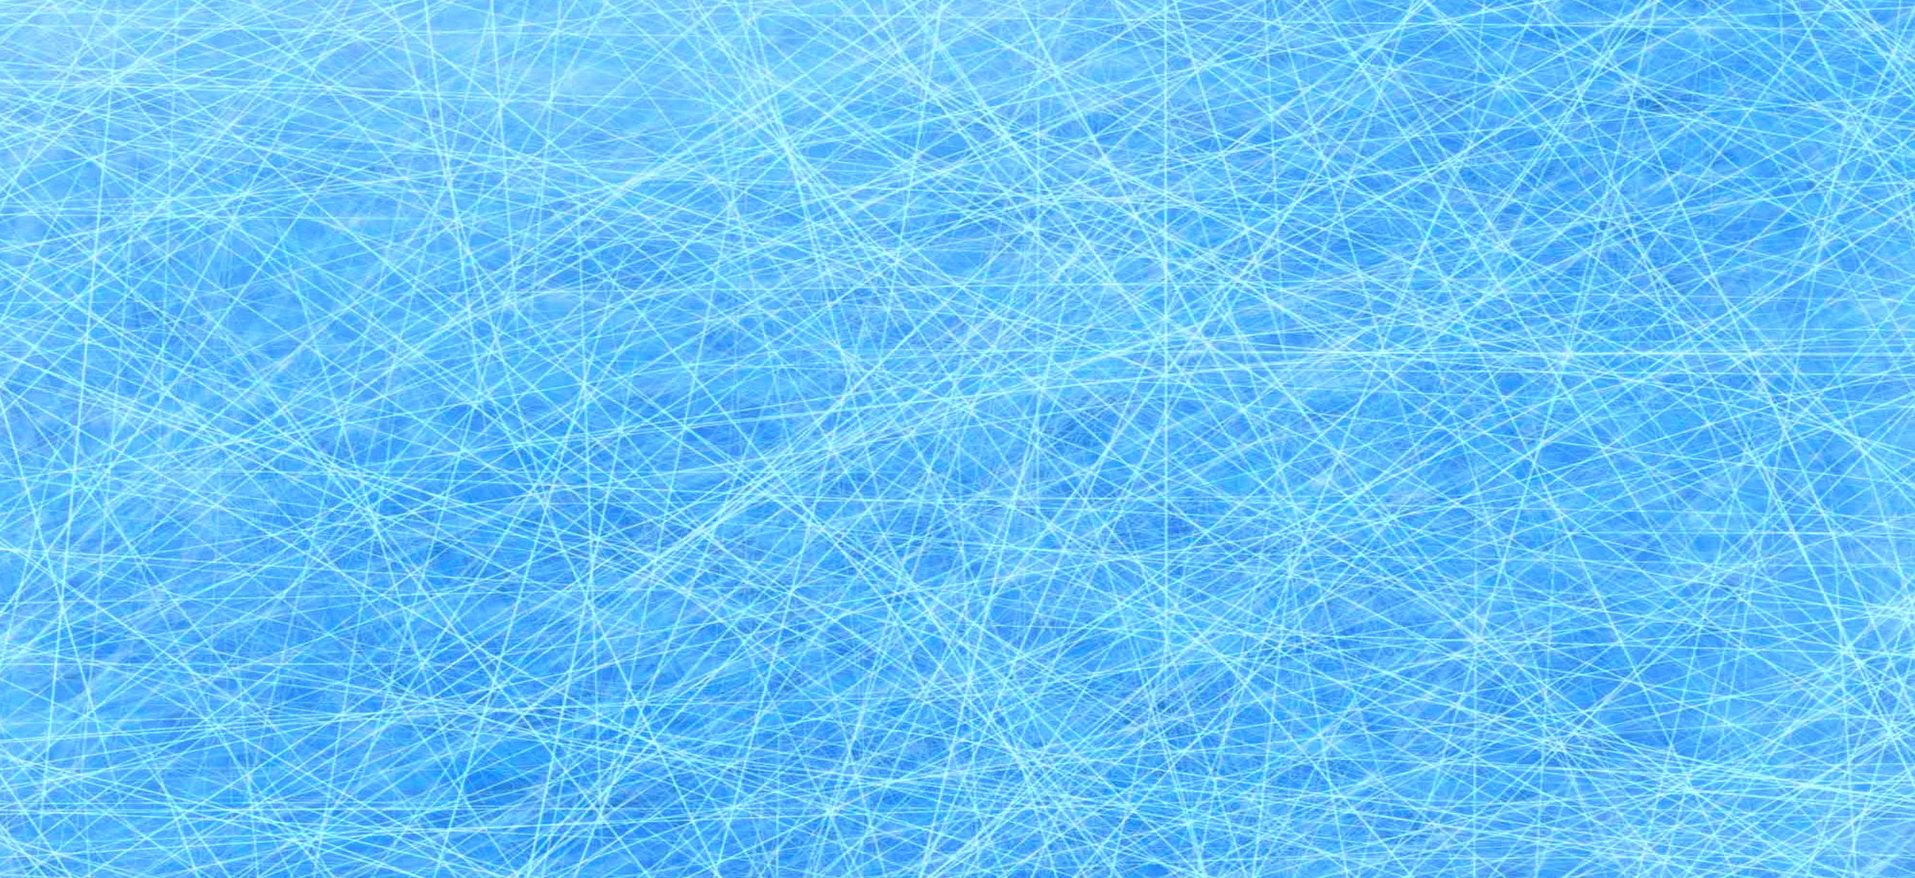 netzstruktur auf blauem hintergrund (vernetzungsgraph)